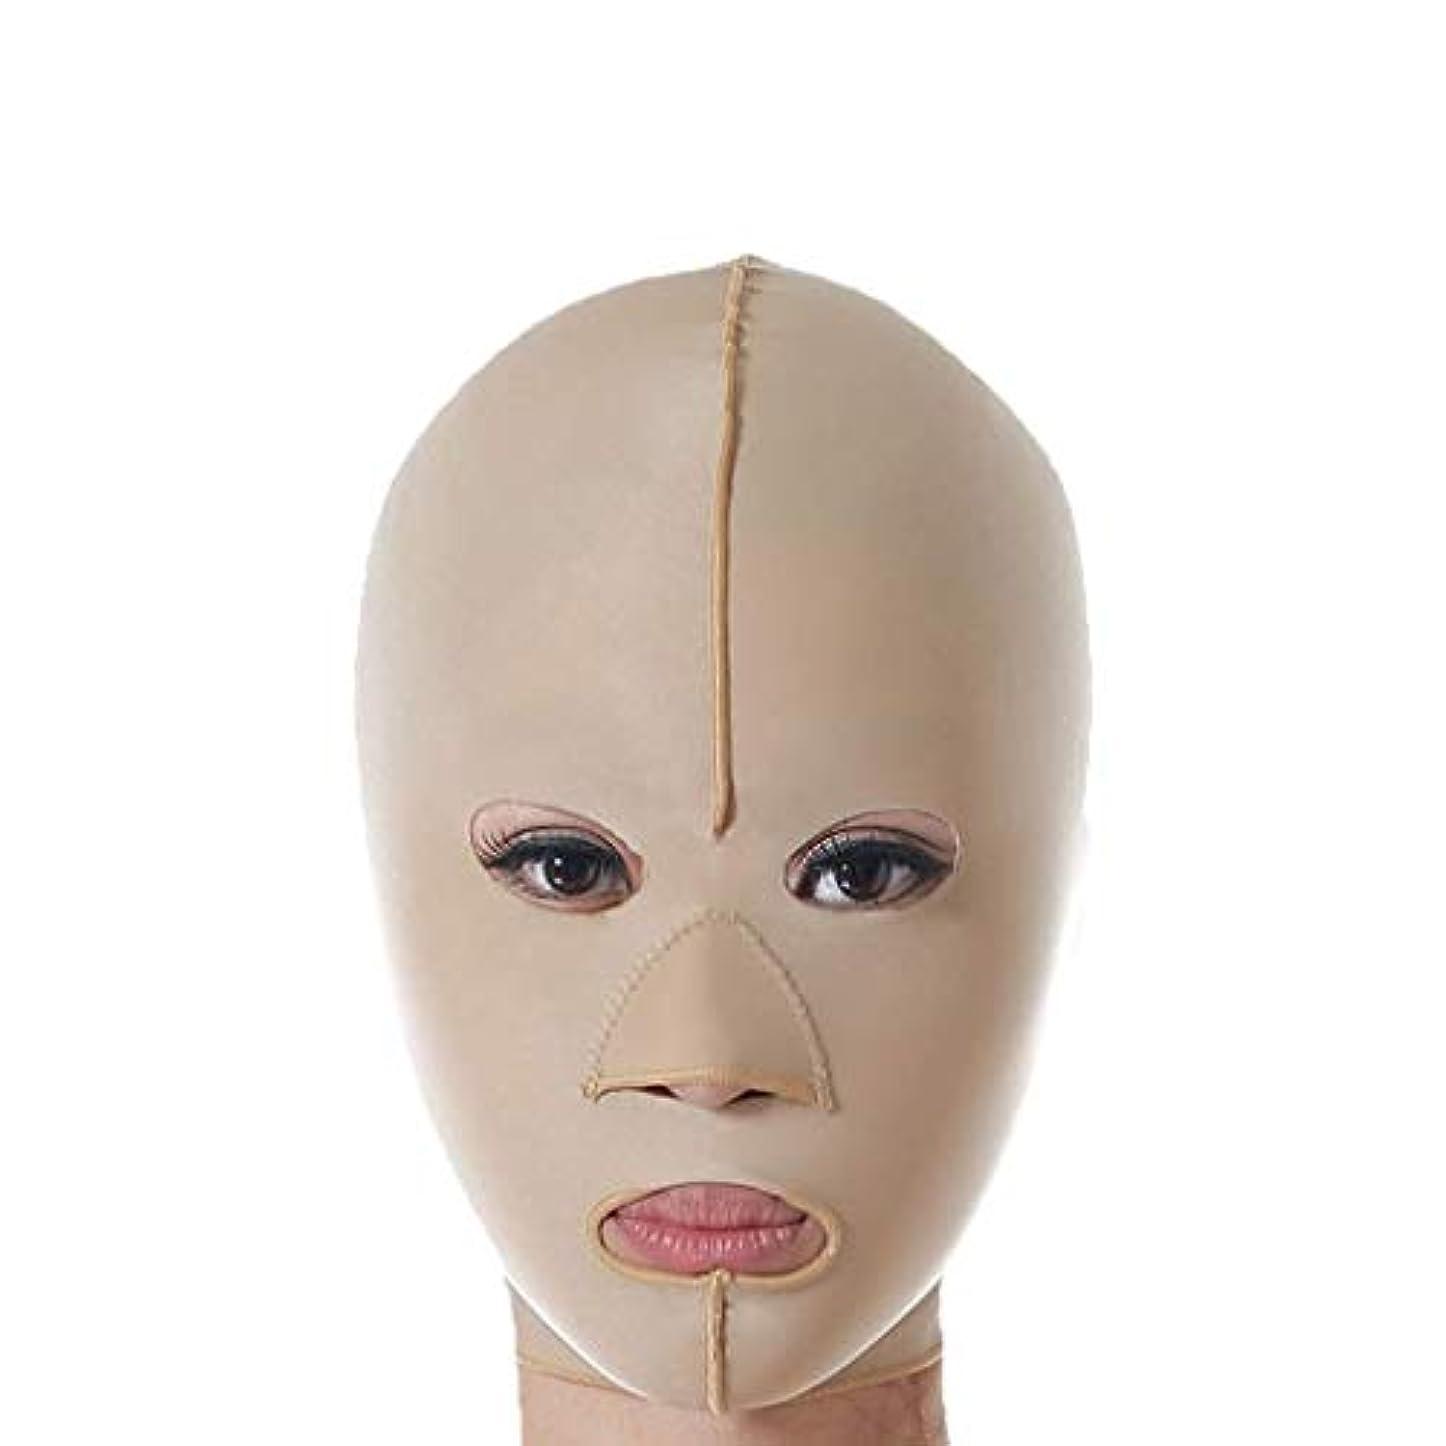 アンティーク請負業者緩む減量フェイスマスク、リフティング包帯、スリムフェイスリフトリフティングベルト、フェイシャル減量リフティング包帯、リフティングファーミング包帯(サイズ:XL),XL